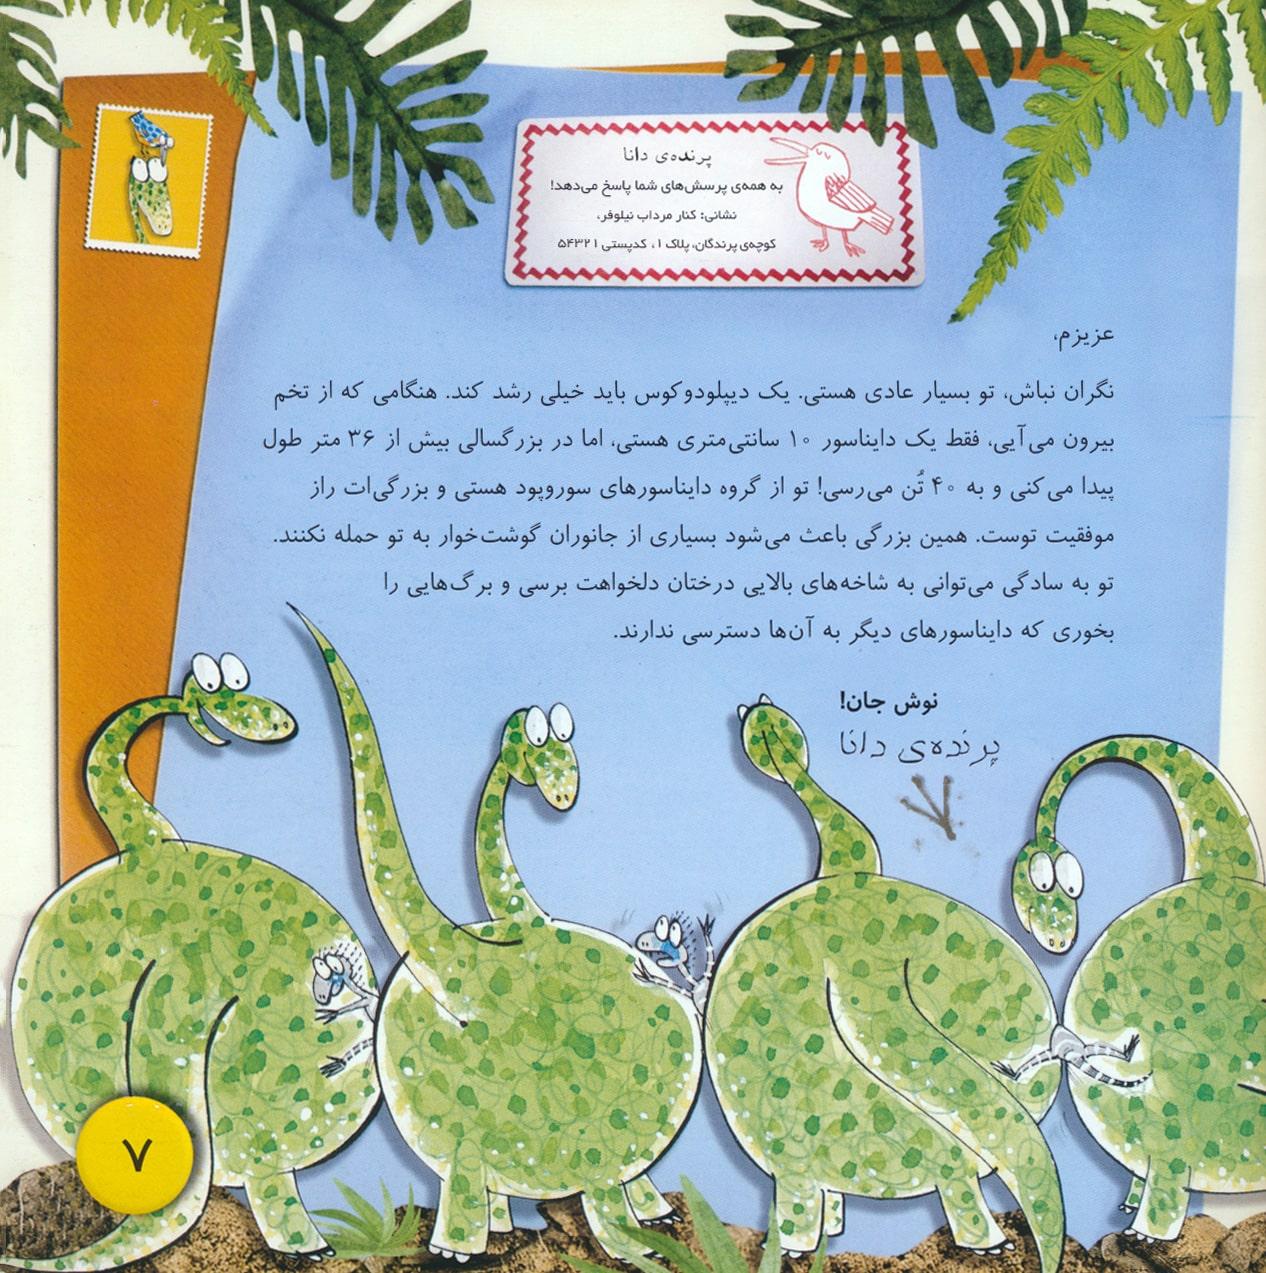 درباره ی دایناسورها (از پرنده ی دانا بپرس)،(گلاسه)